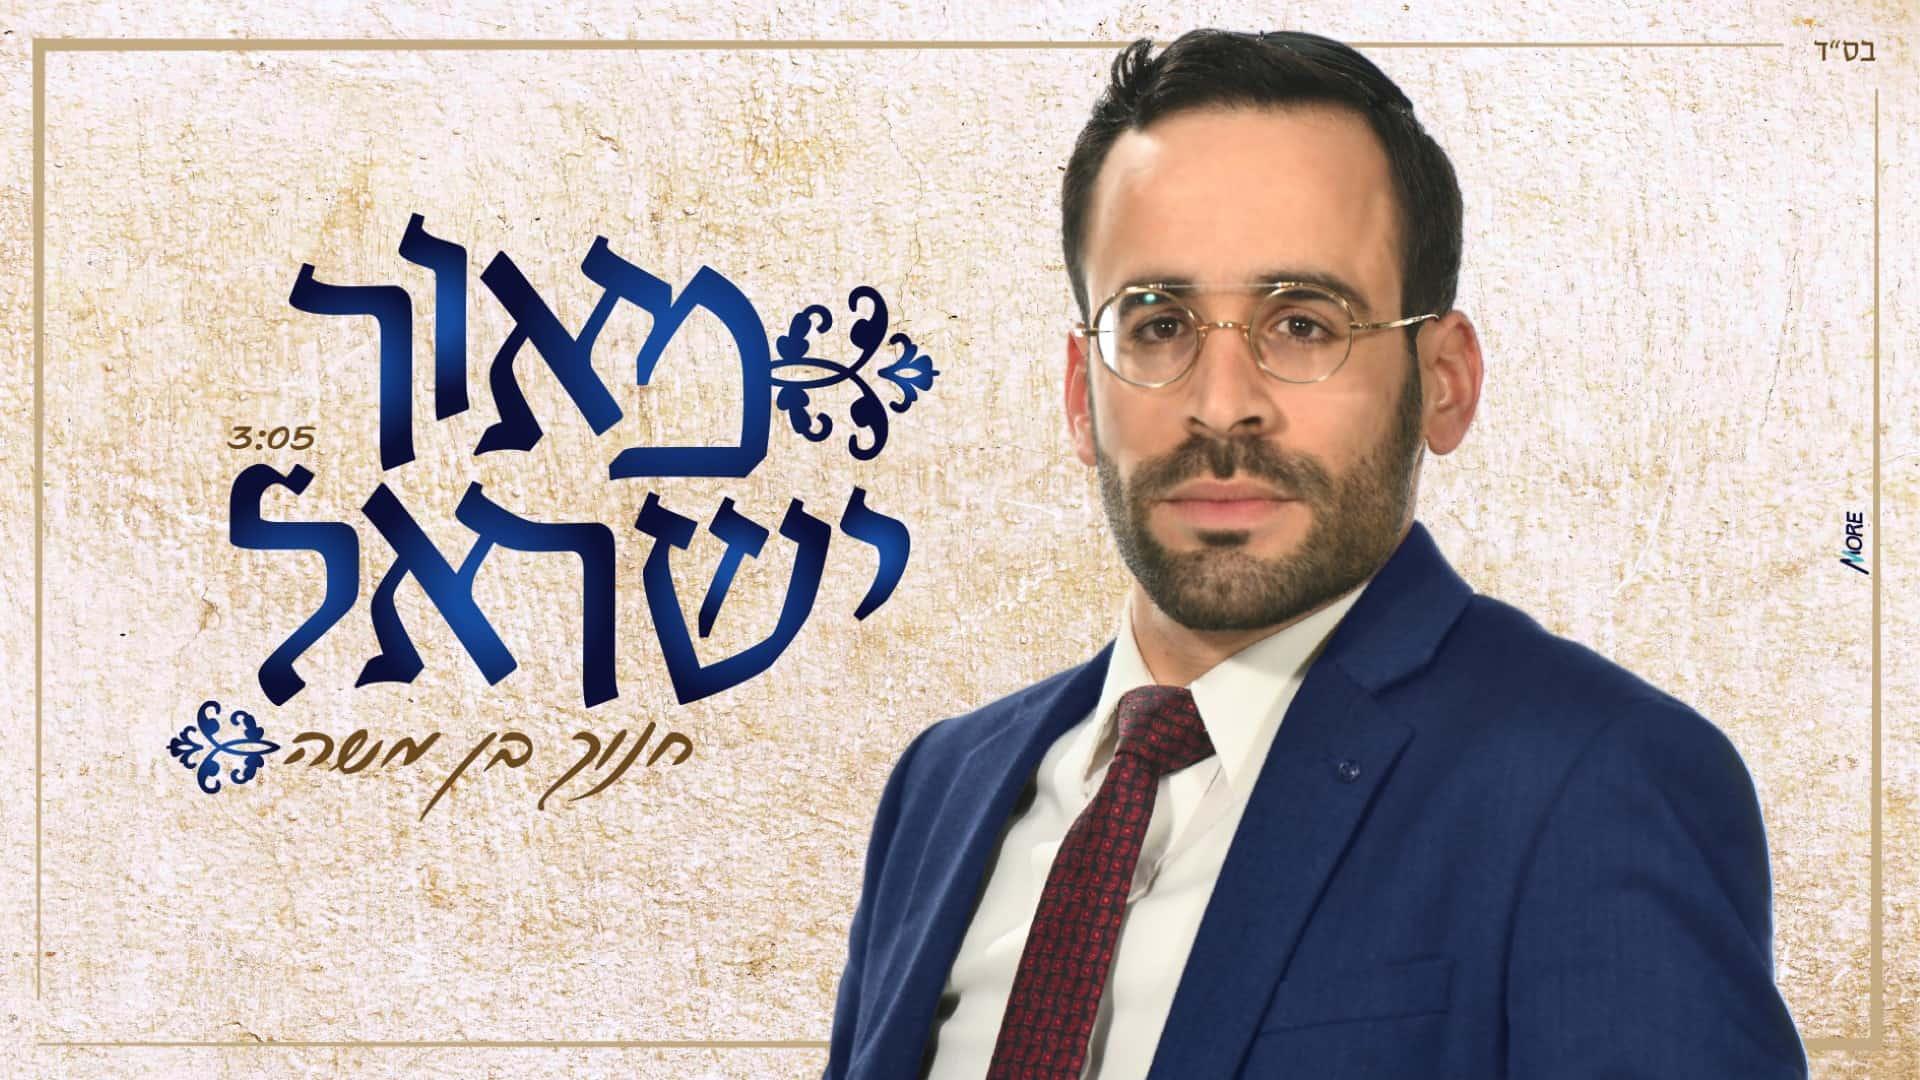 חנוך בן משה - מאור ישראל עטיפת הסינגל